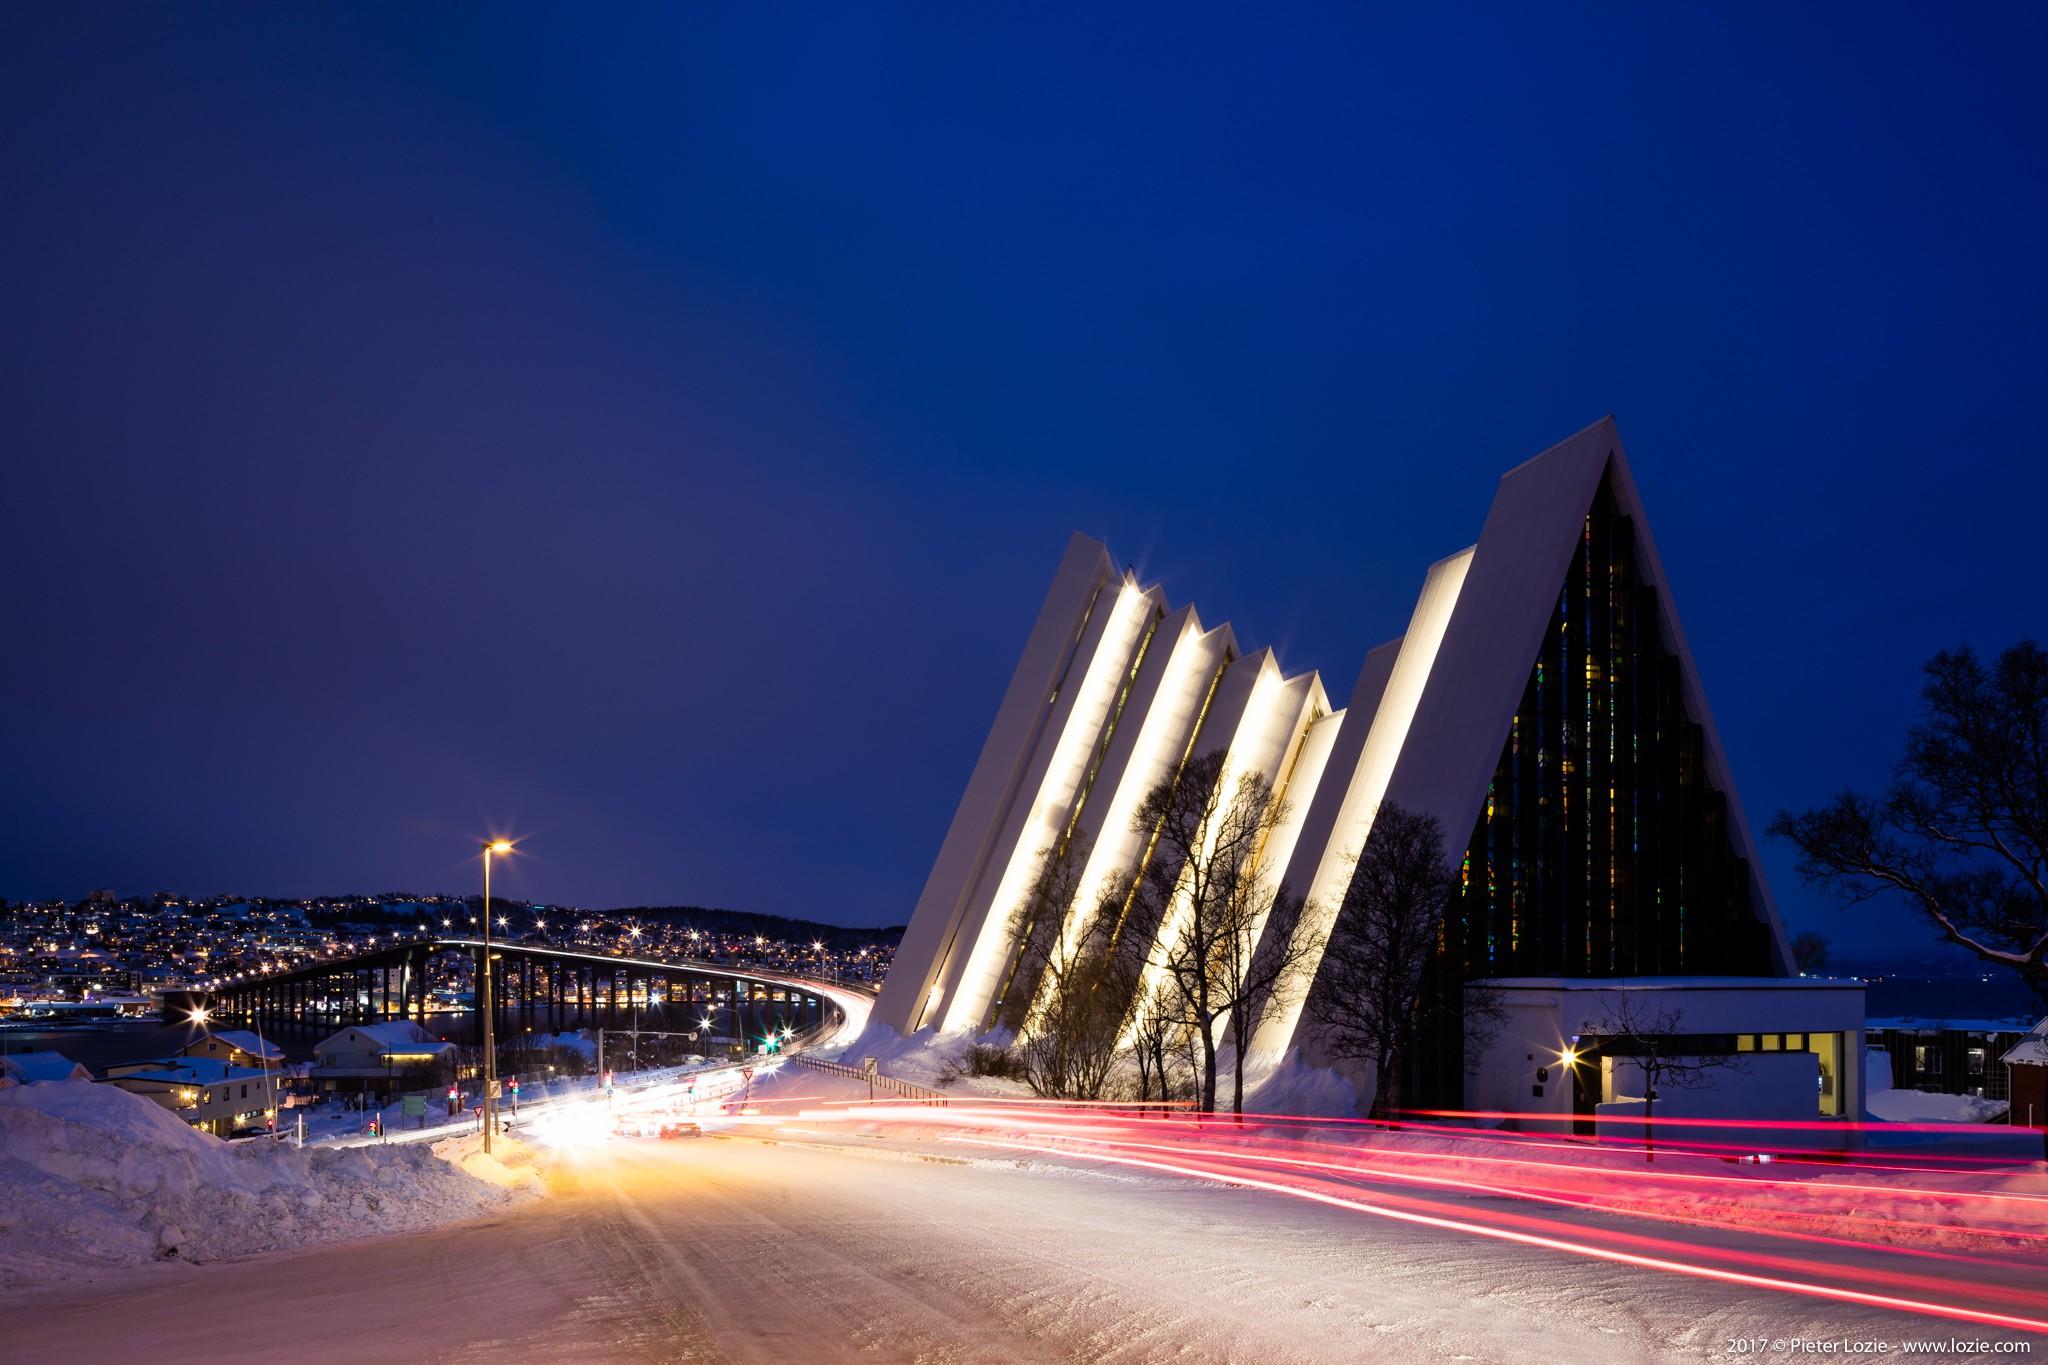 Tromso Airport Hotel